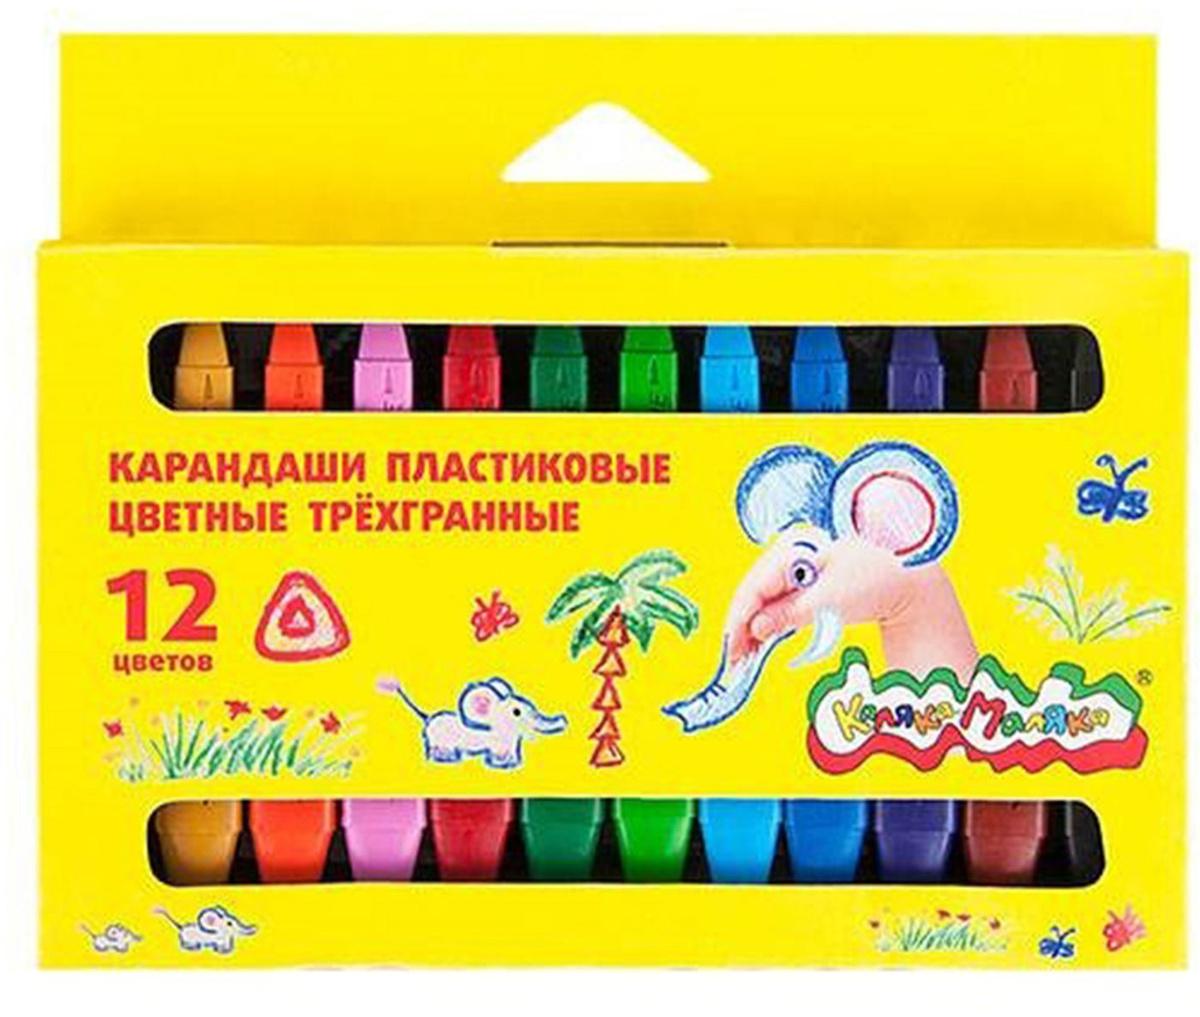 Мелки Каляка-Маляка, двухсторонние, трехгранные, восковые, 4602723052418, 12 цветов  #1